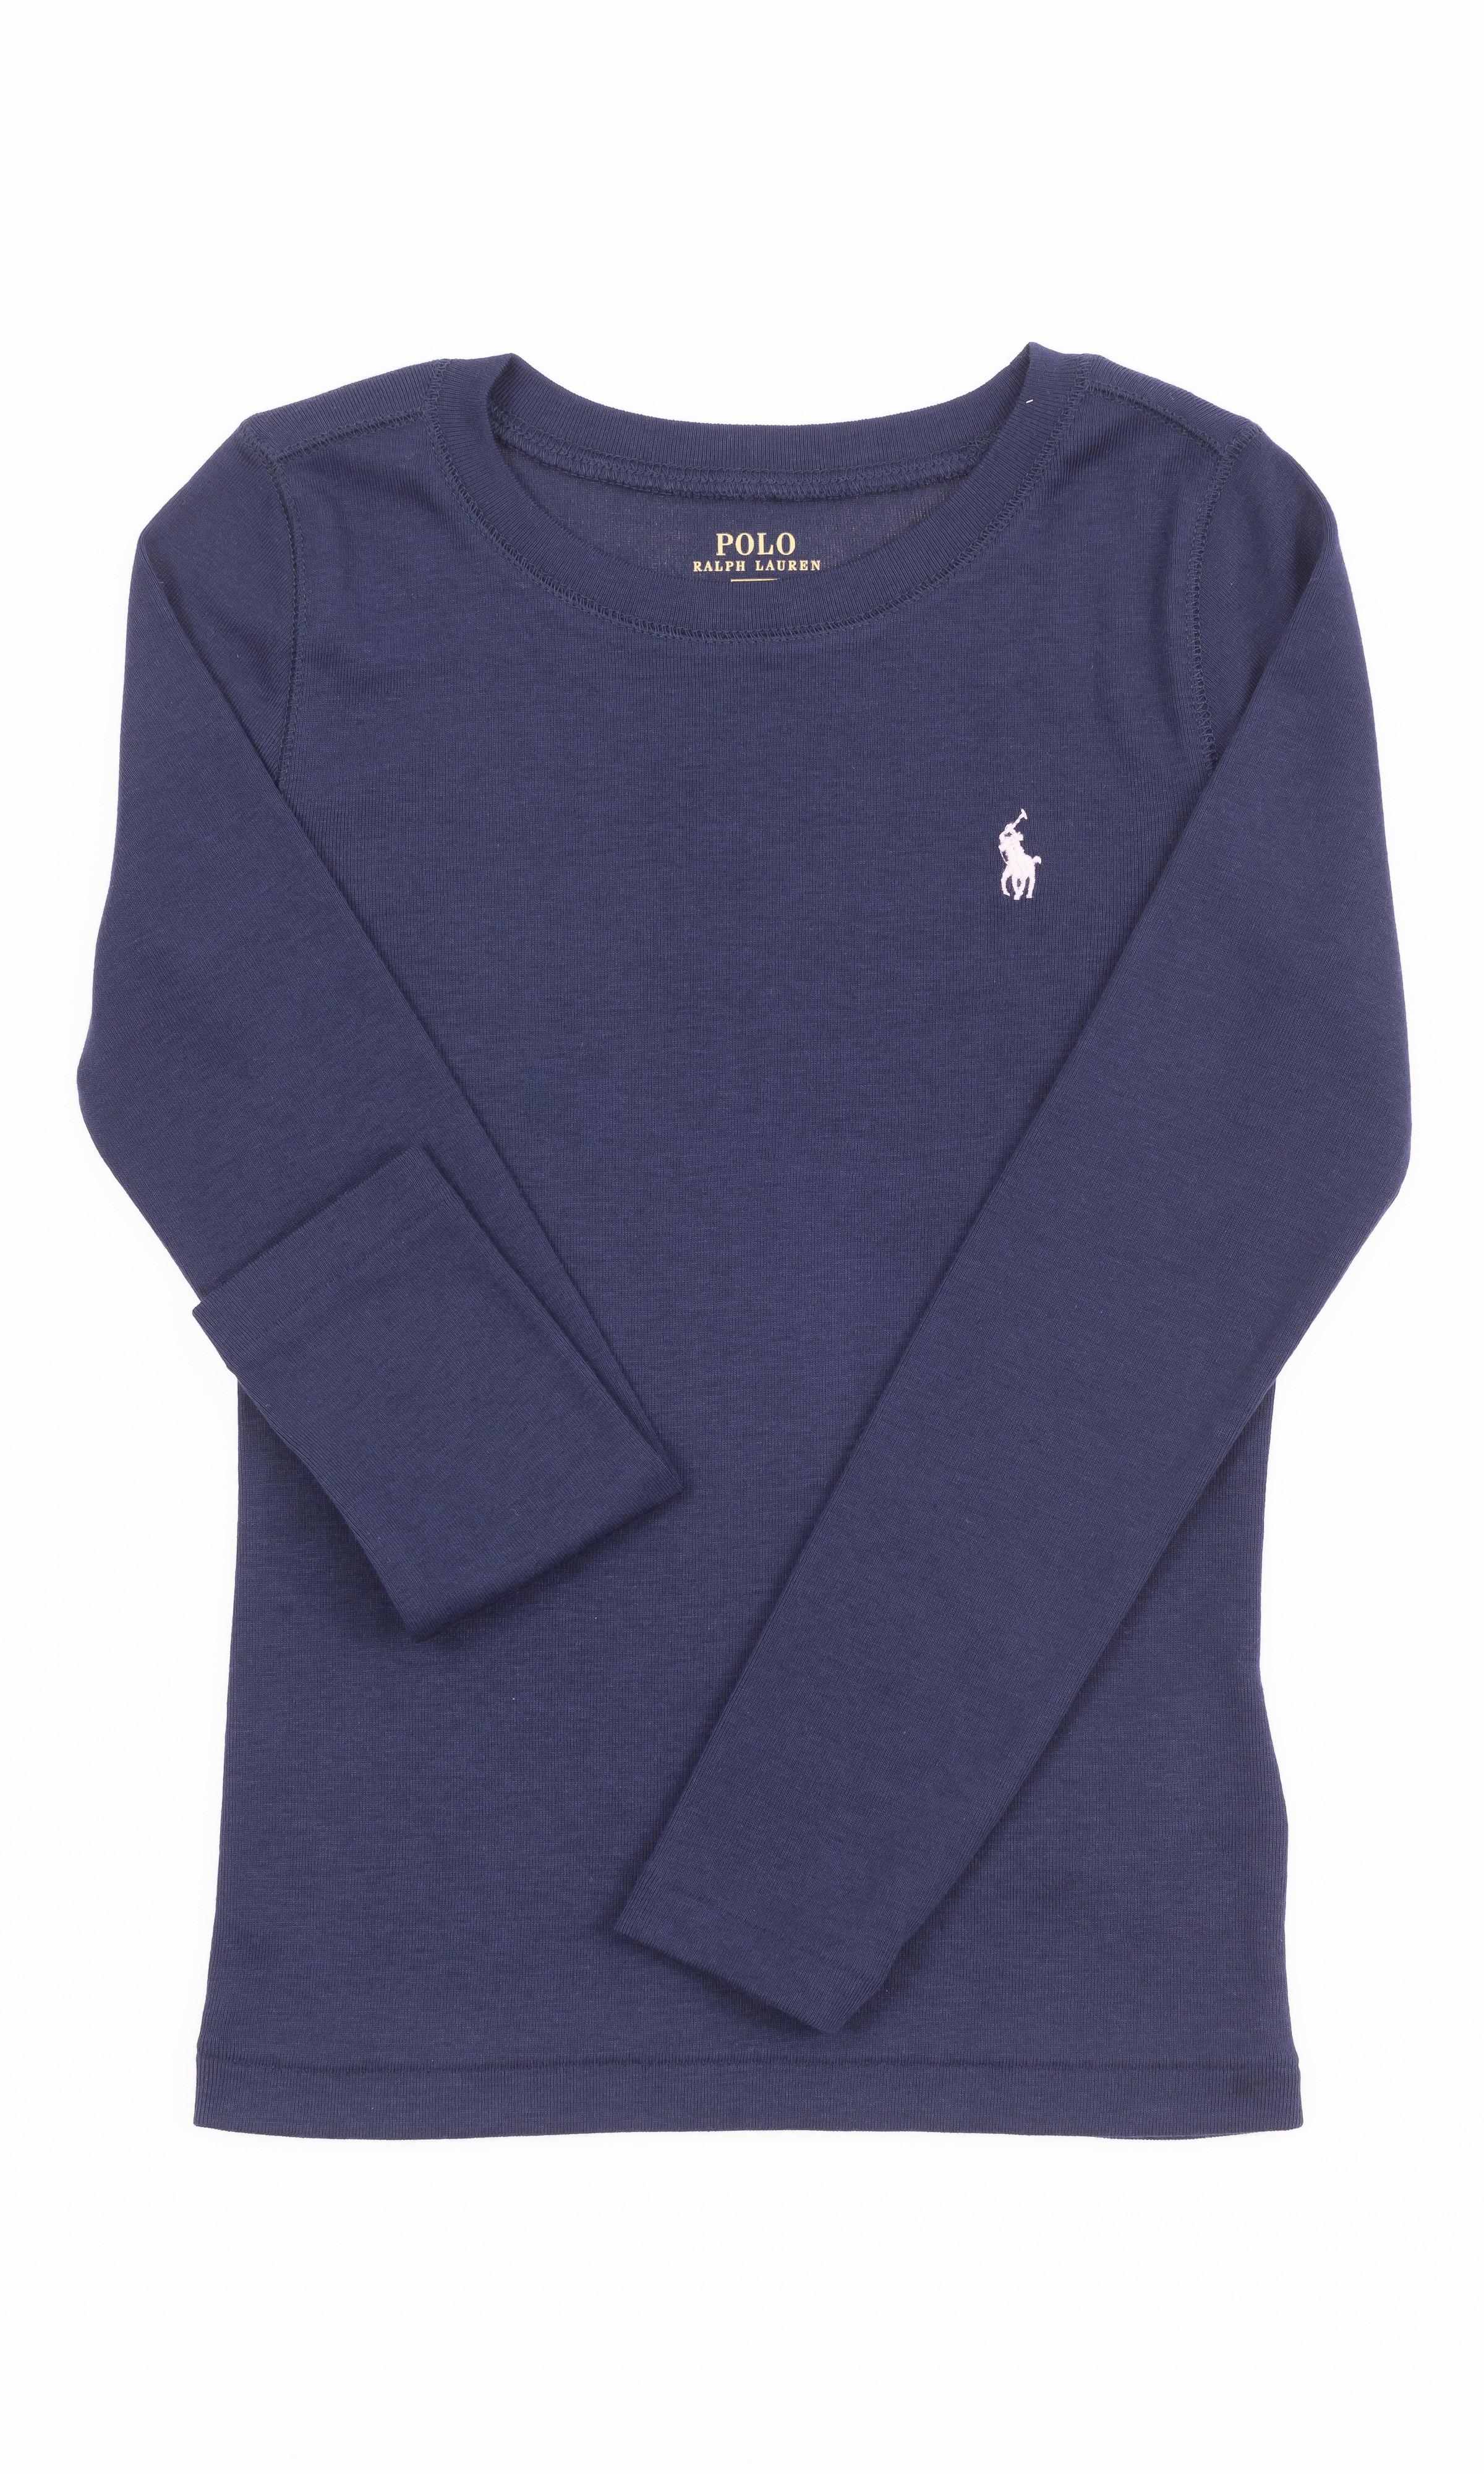 Lauren Club Celebrity Bleu Marine À T Pour Shirt Manches FillePolo Longues Ralph PikXuOZT